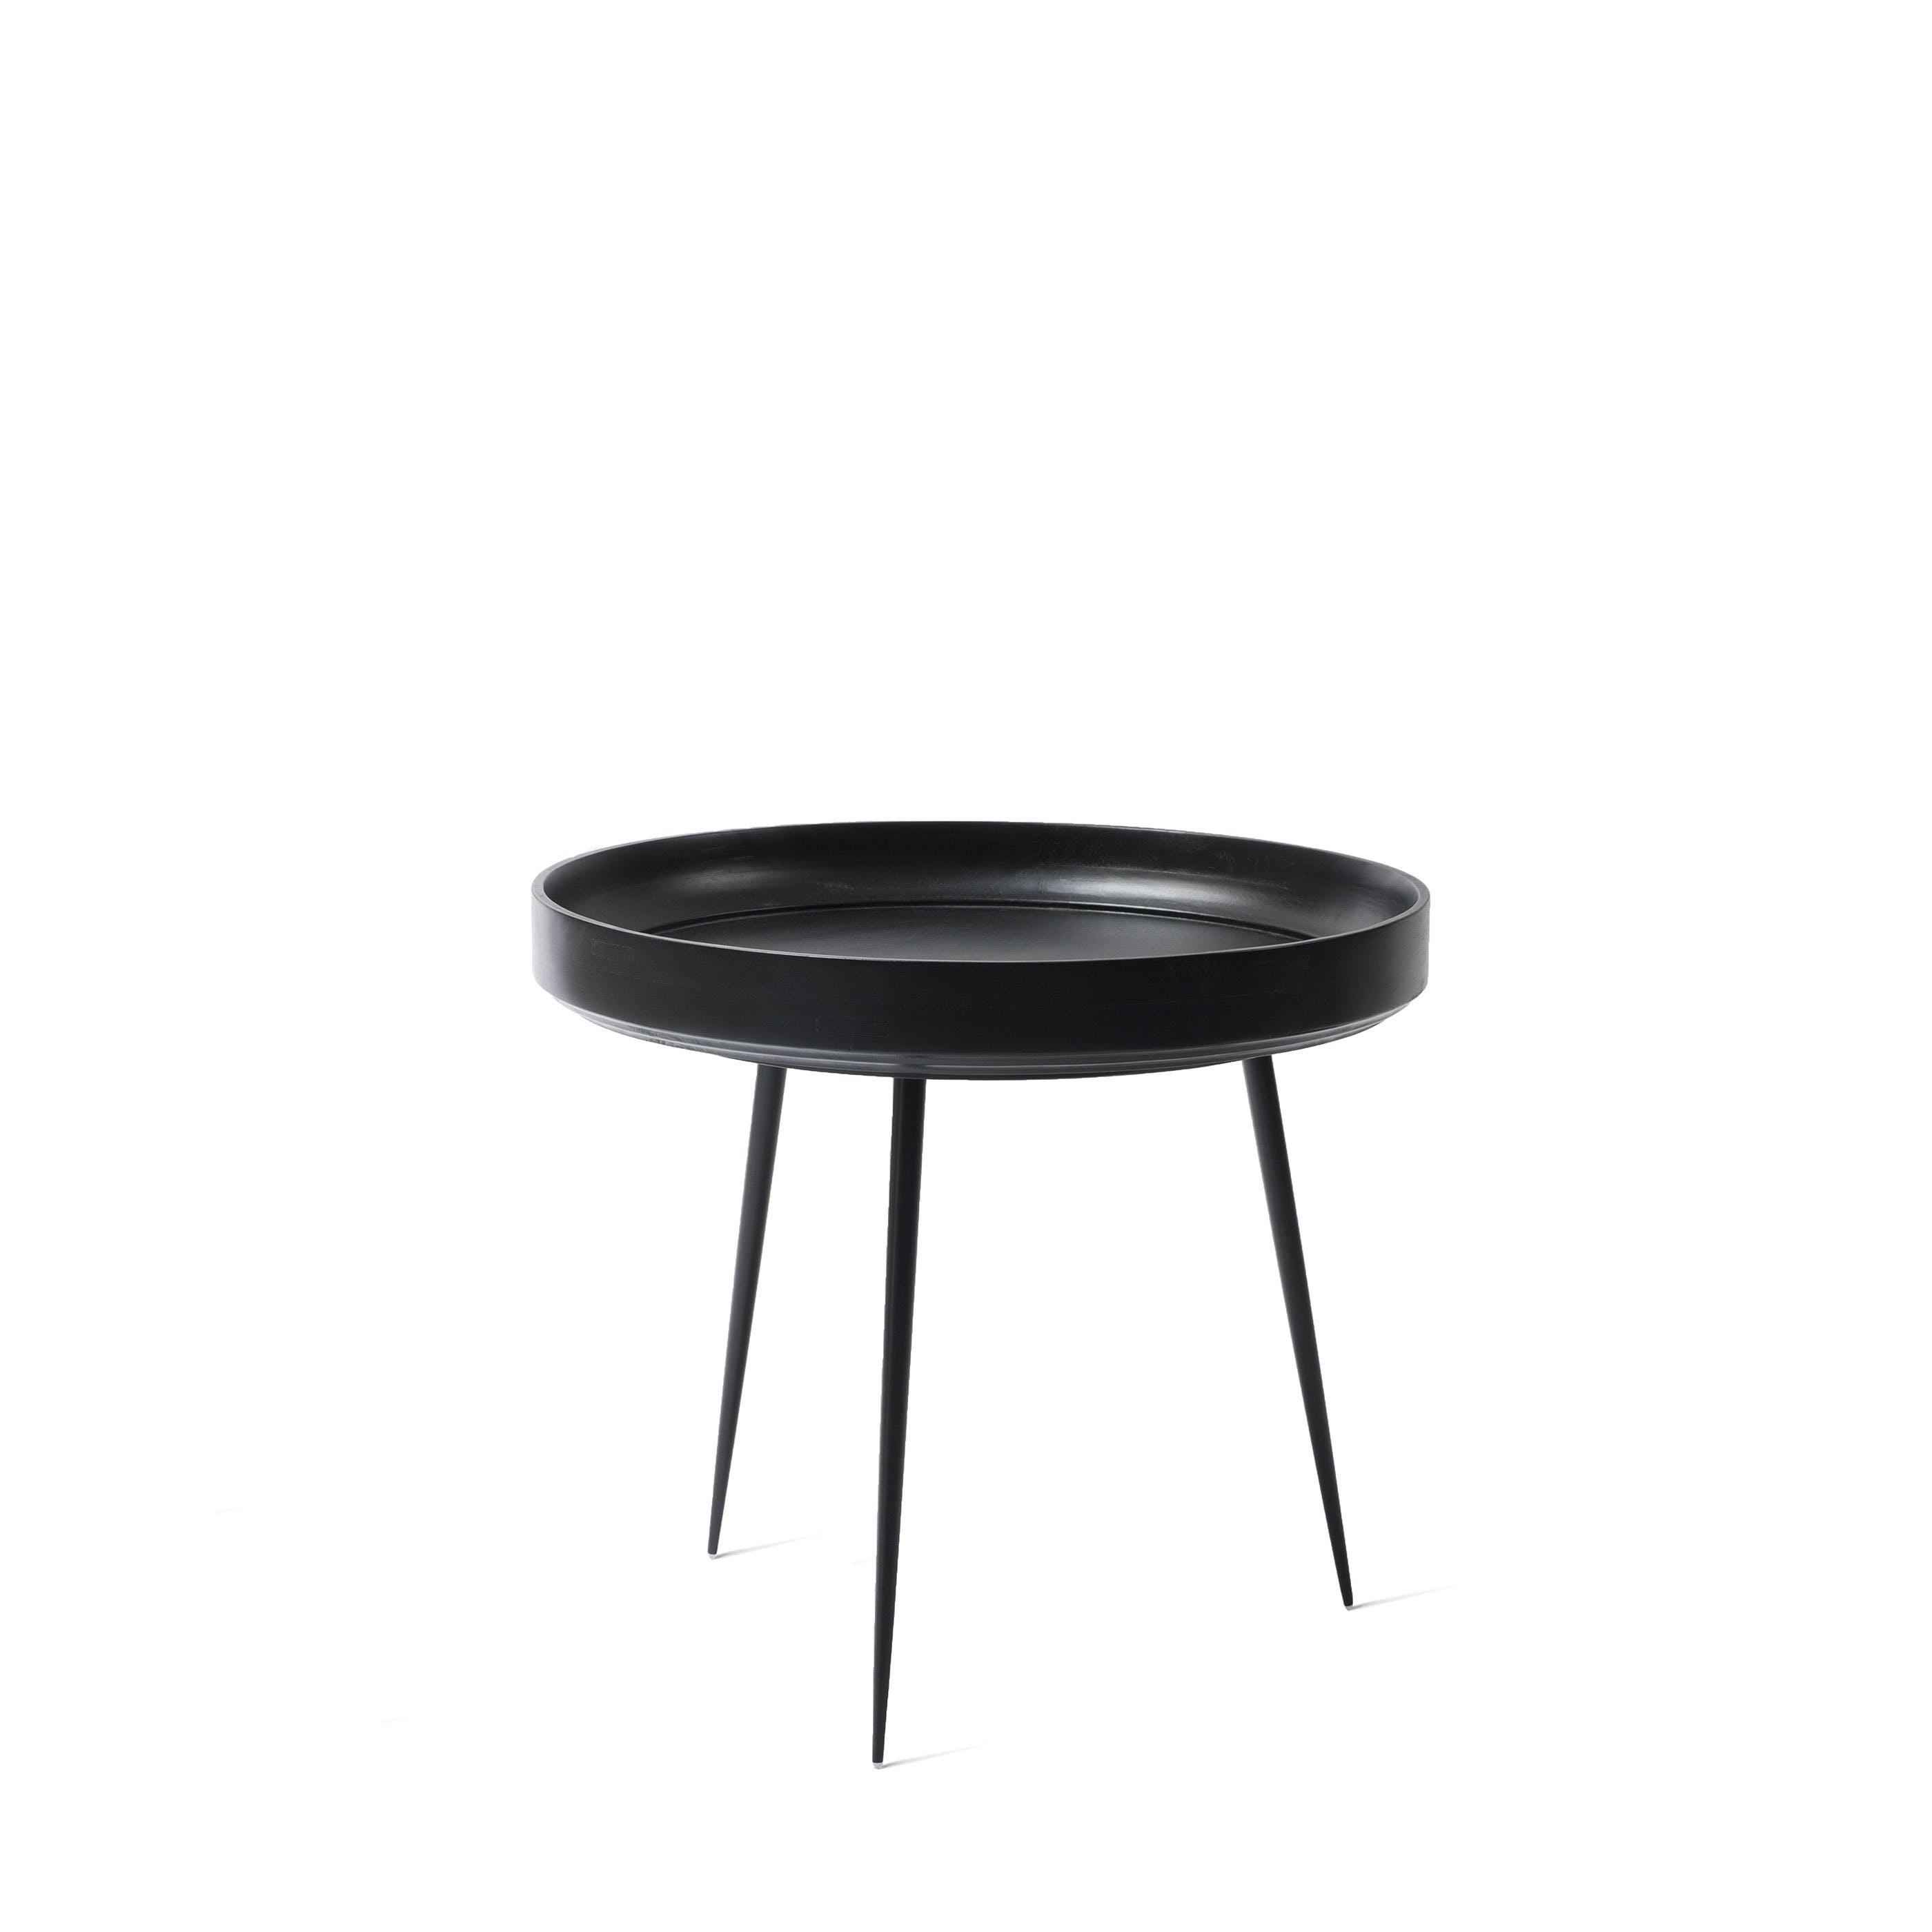 Mater Black Large Bowl Table Haute Living